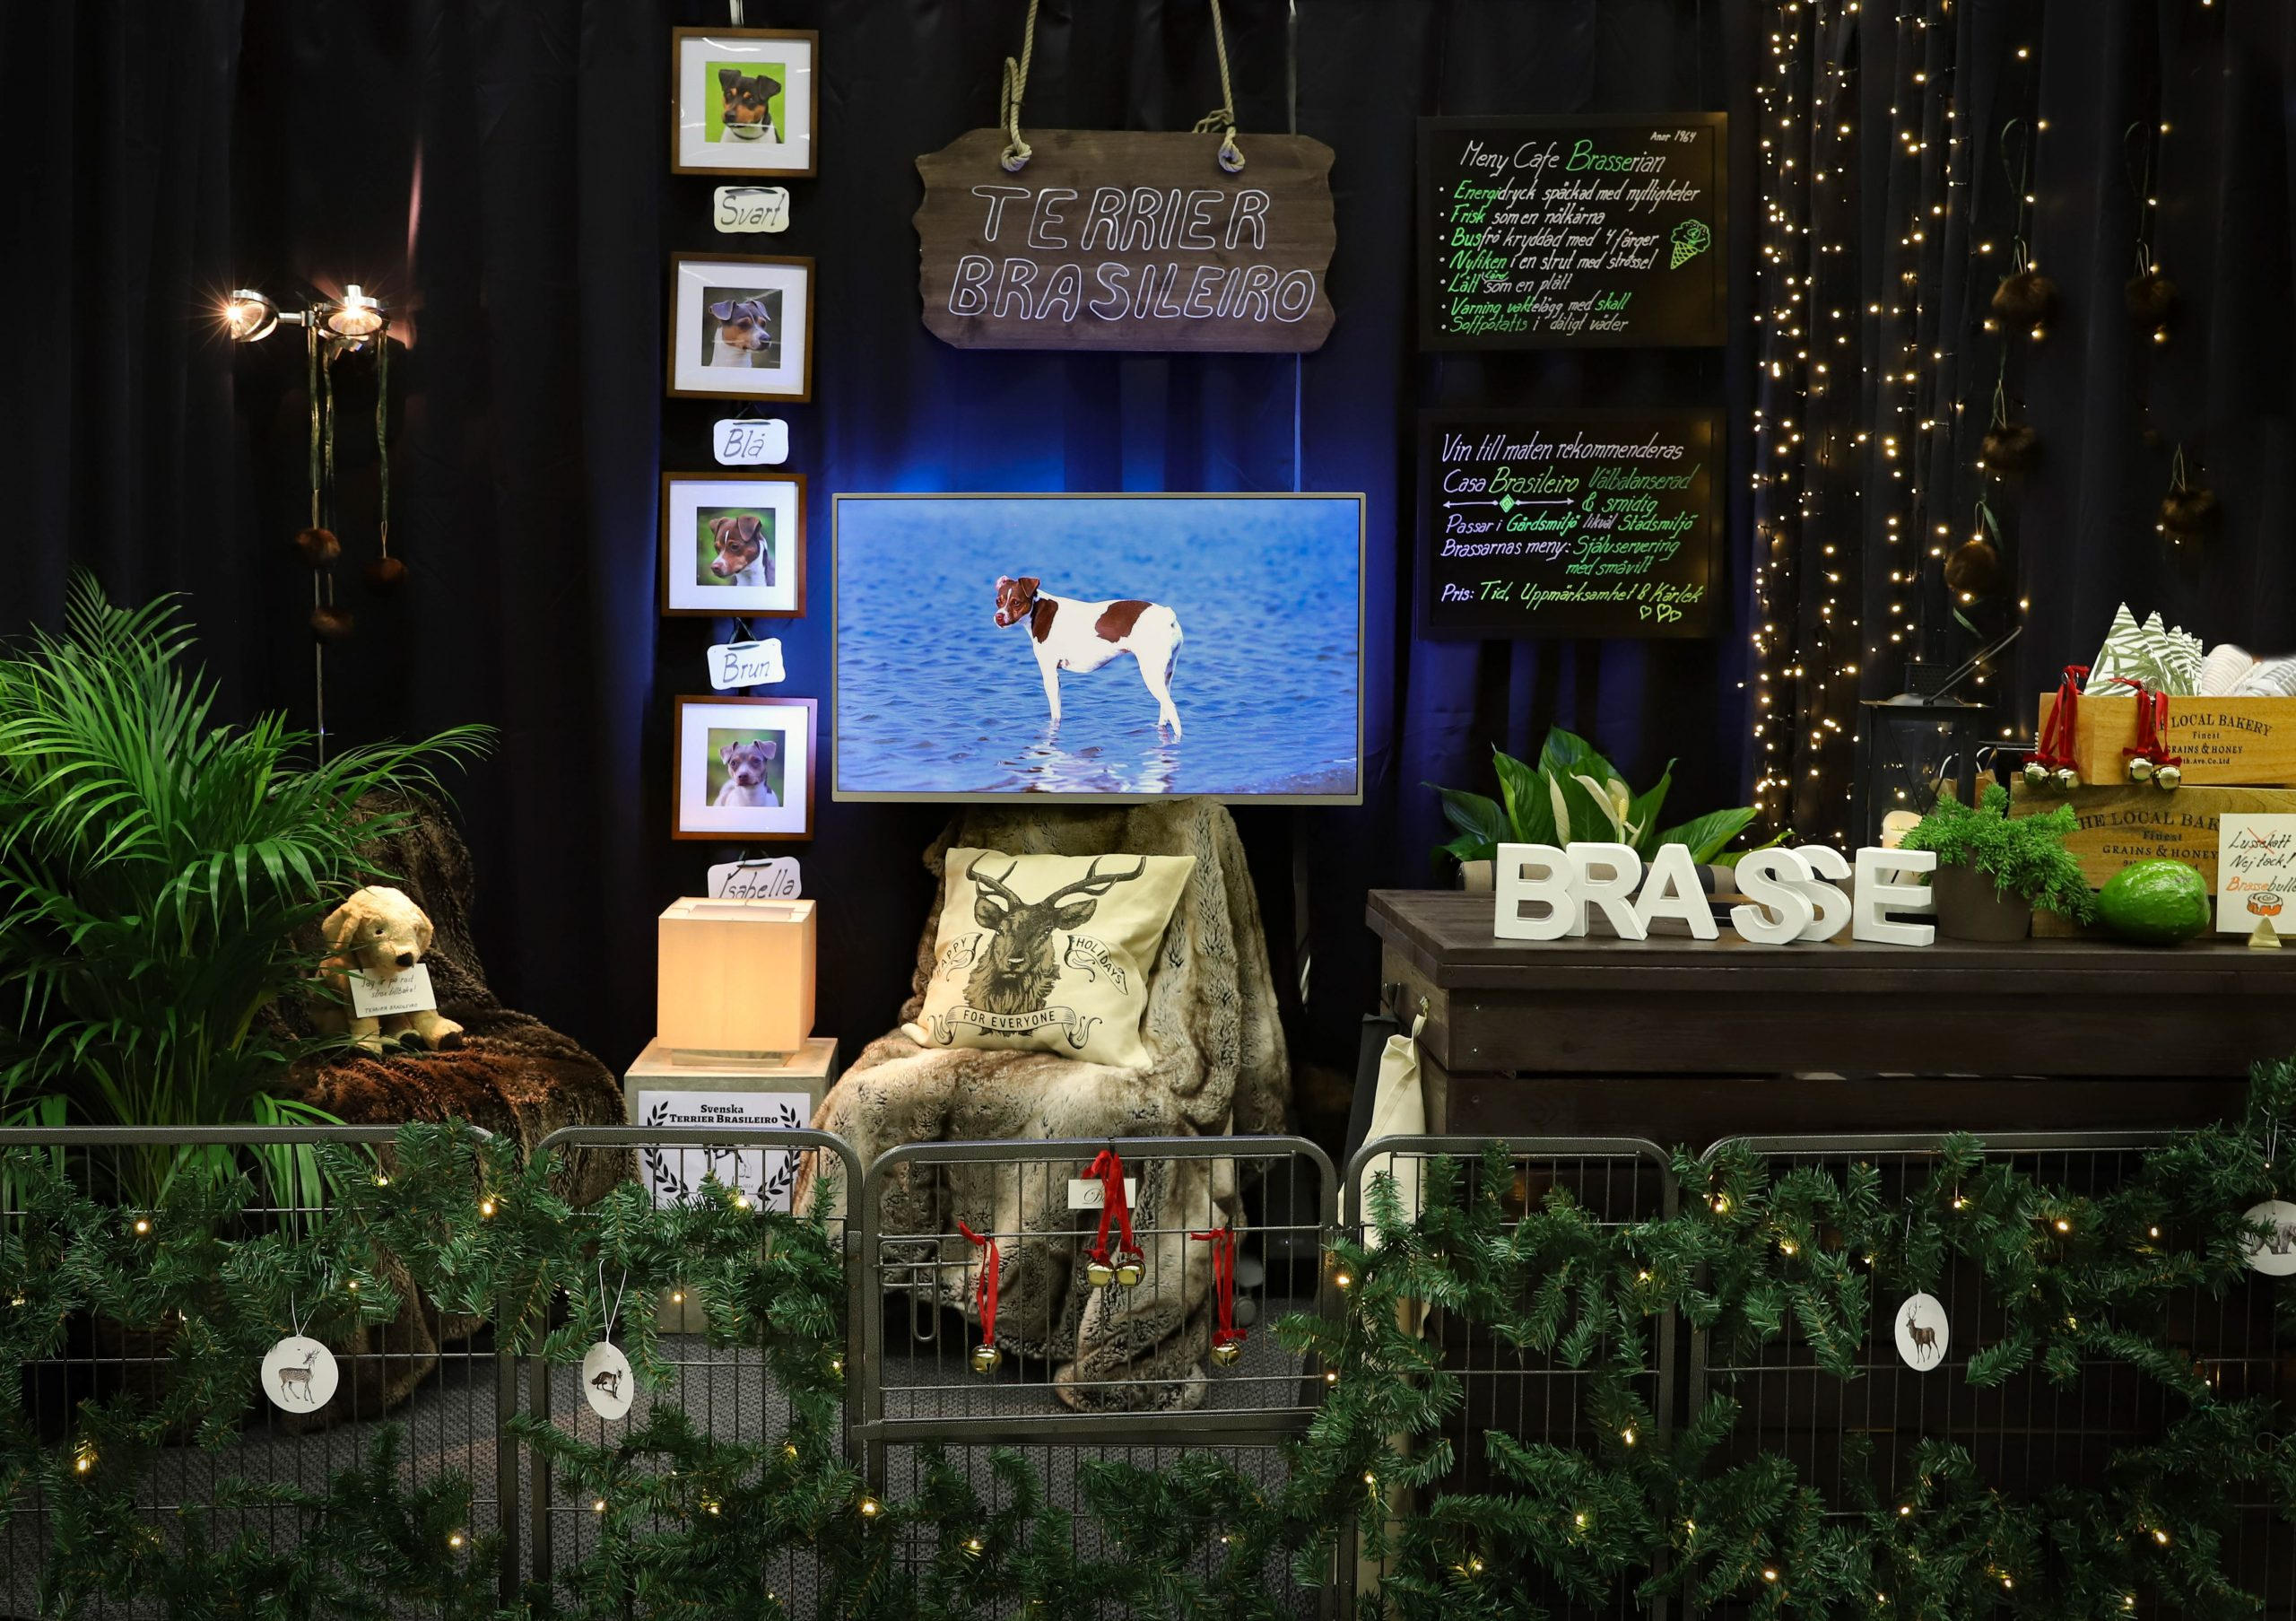 Terrier Brasileiro Rasmonter Stockholms Hundmässa 2019